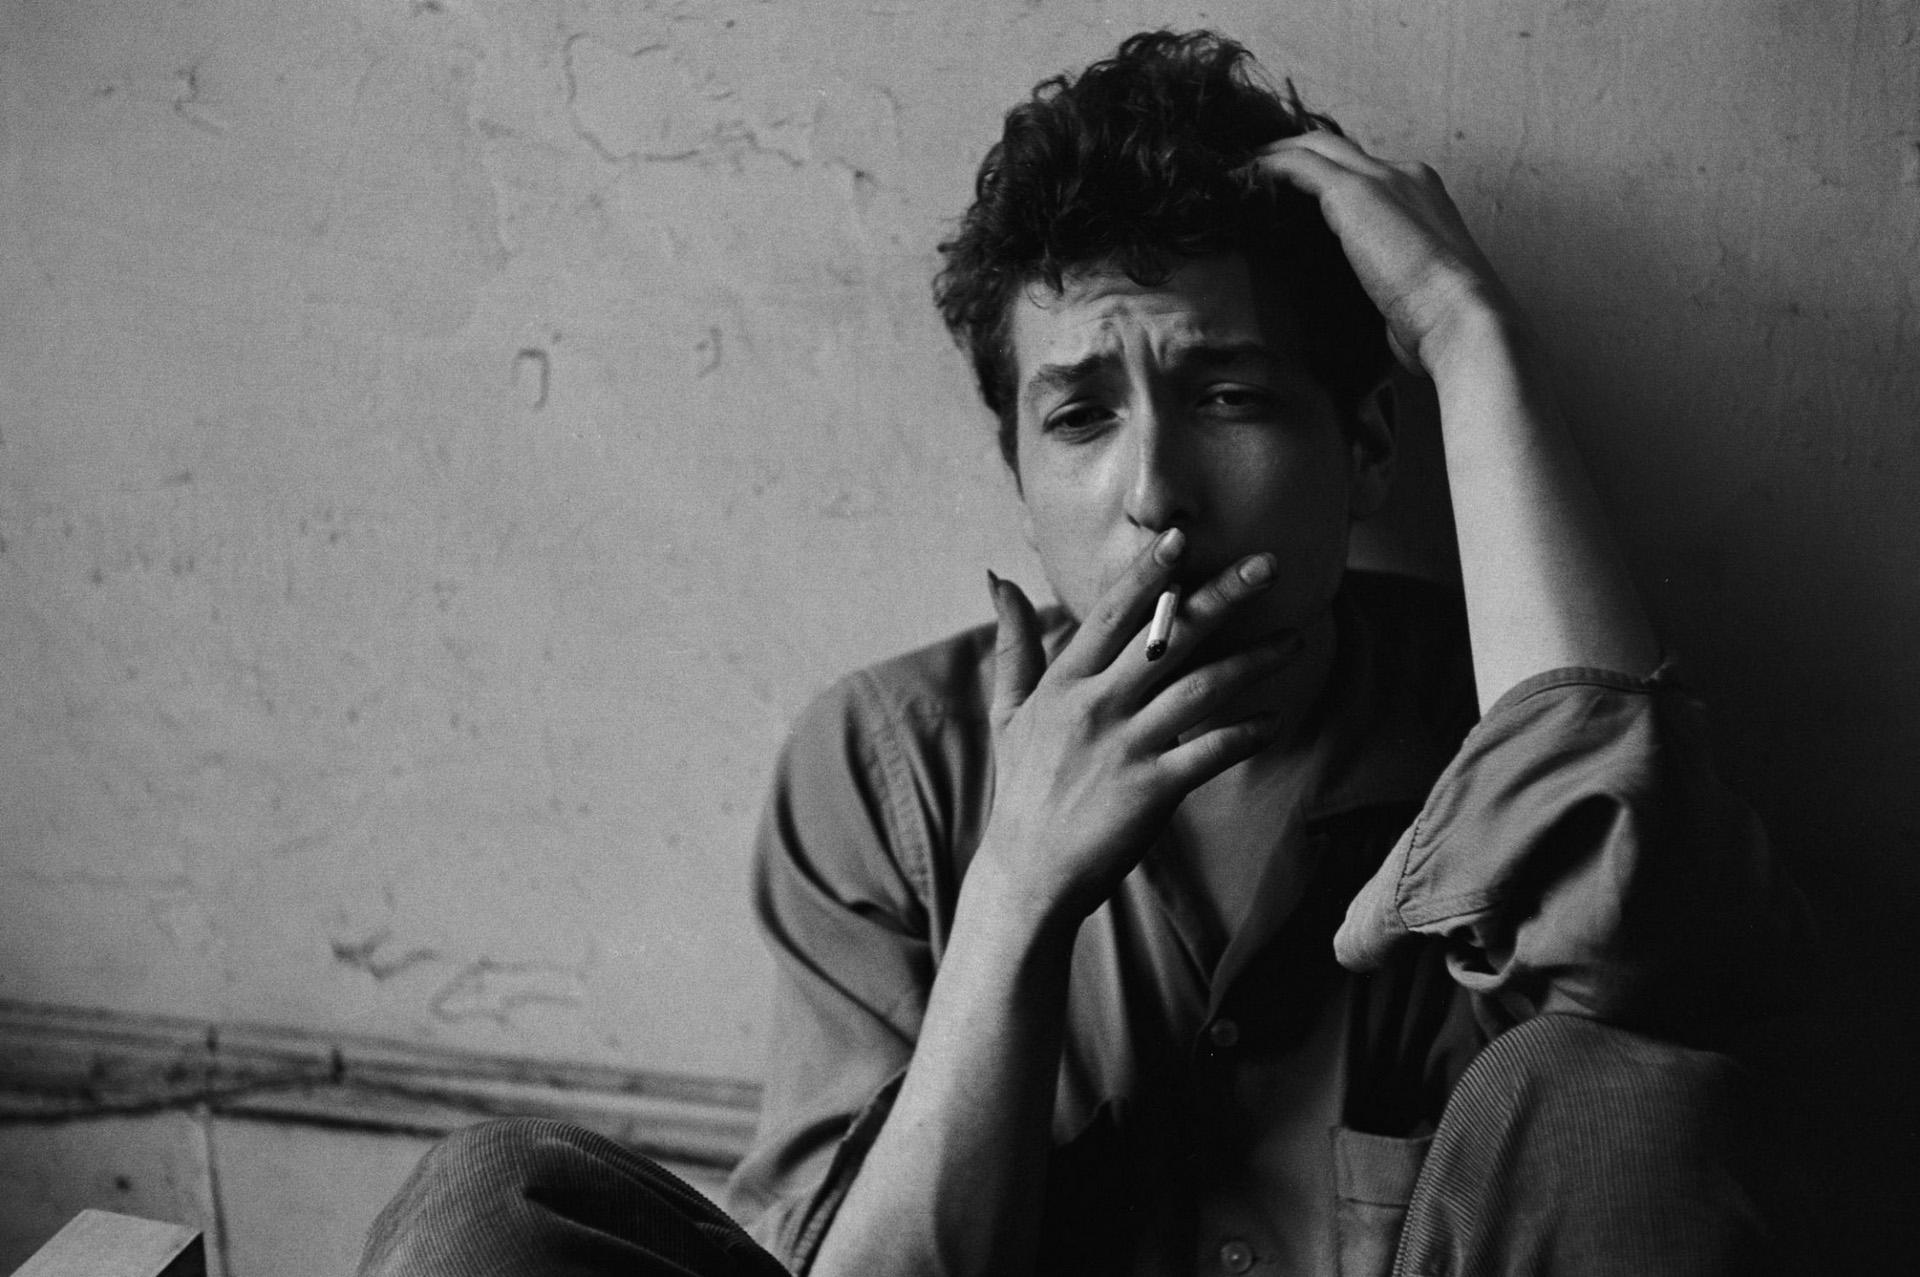 Bob Dylan鲍勃迪伦经典抽烟黑白照片